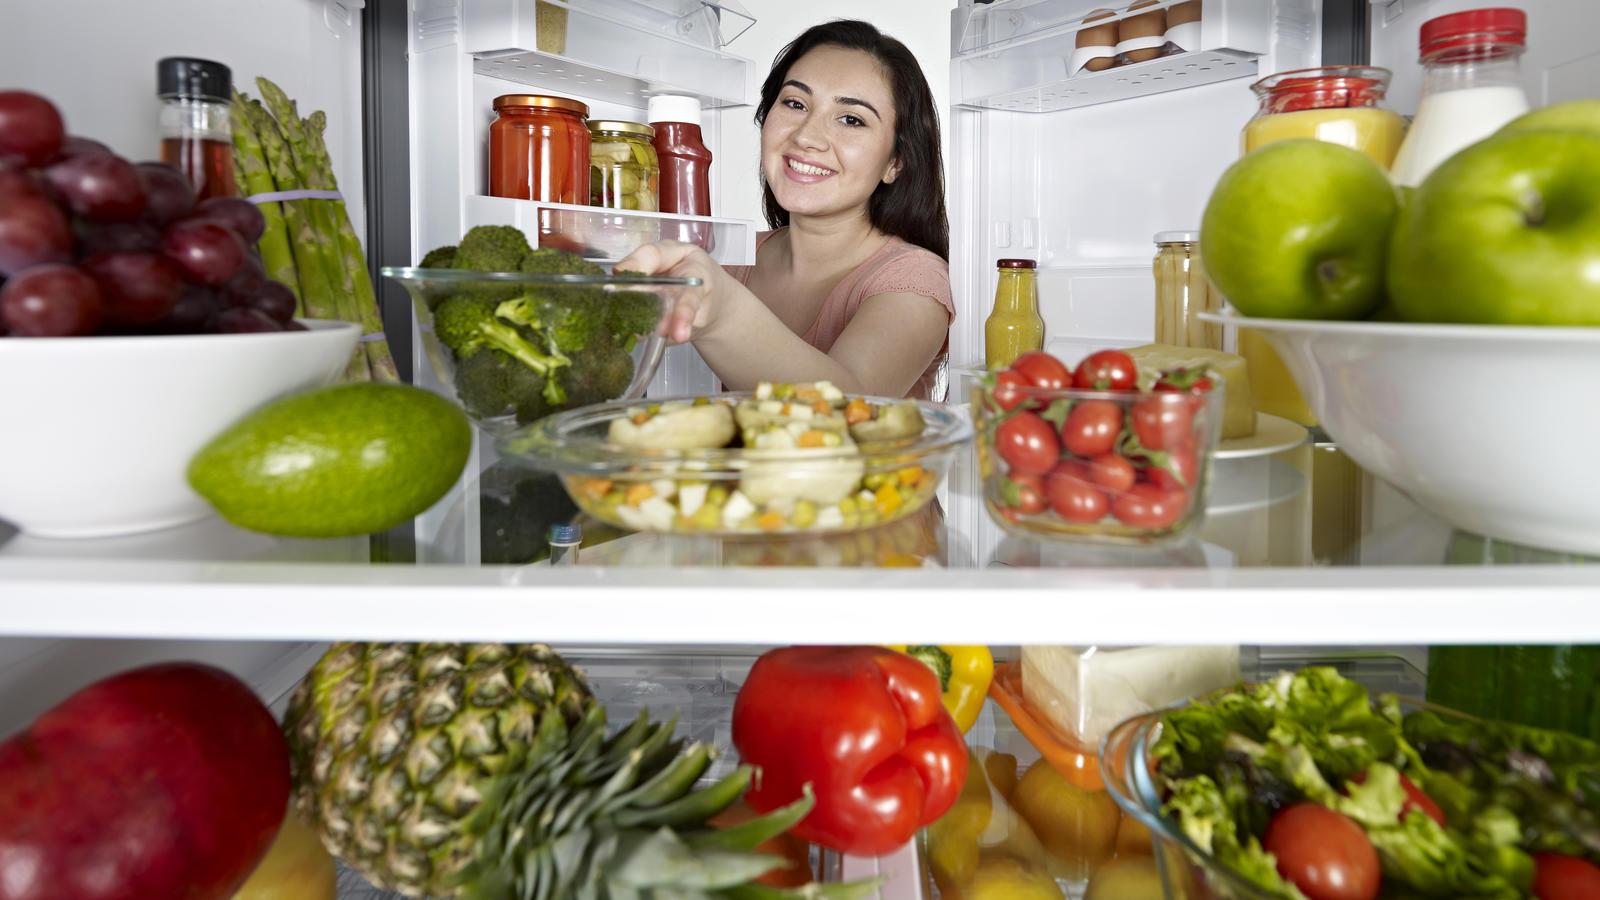 Kühlschränke sind Sammelstellen für Bakterien und Keime.